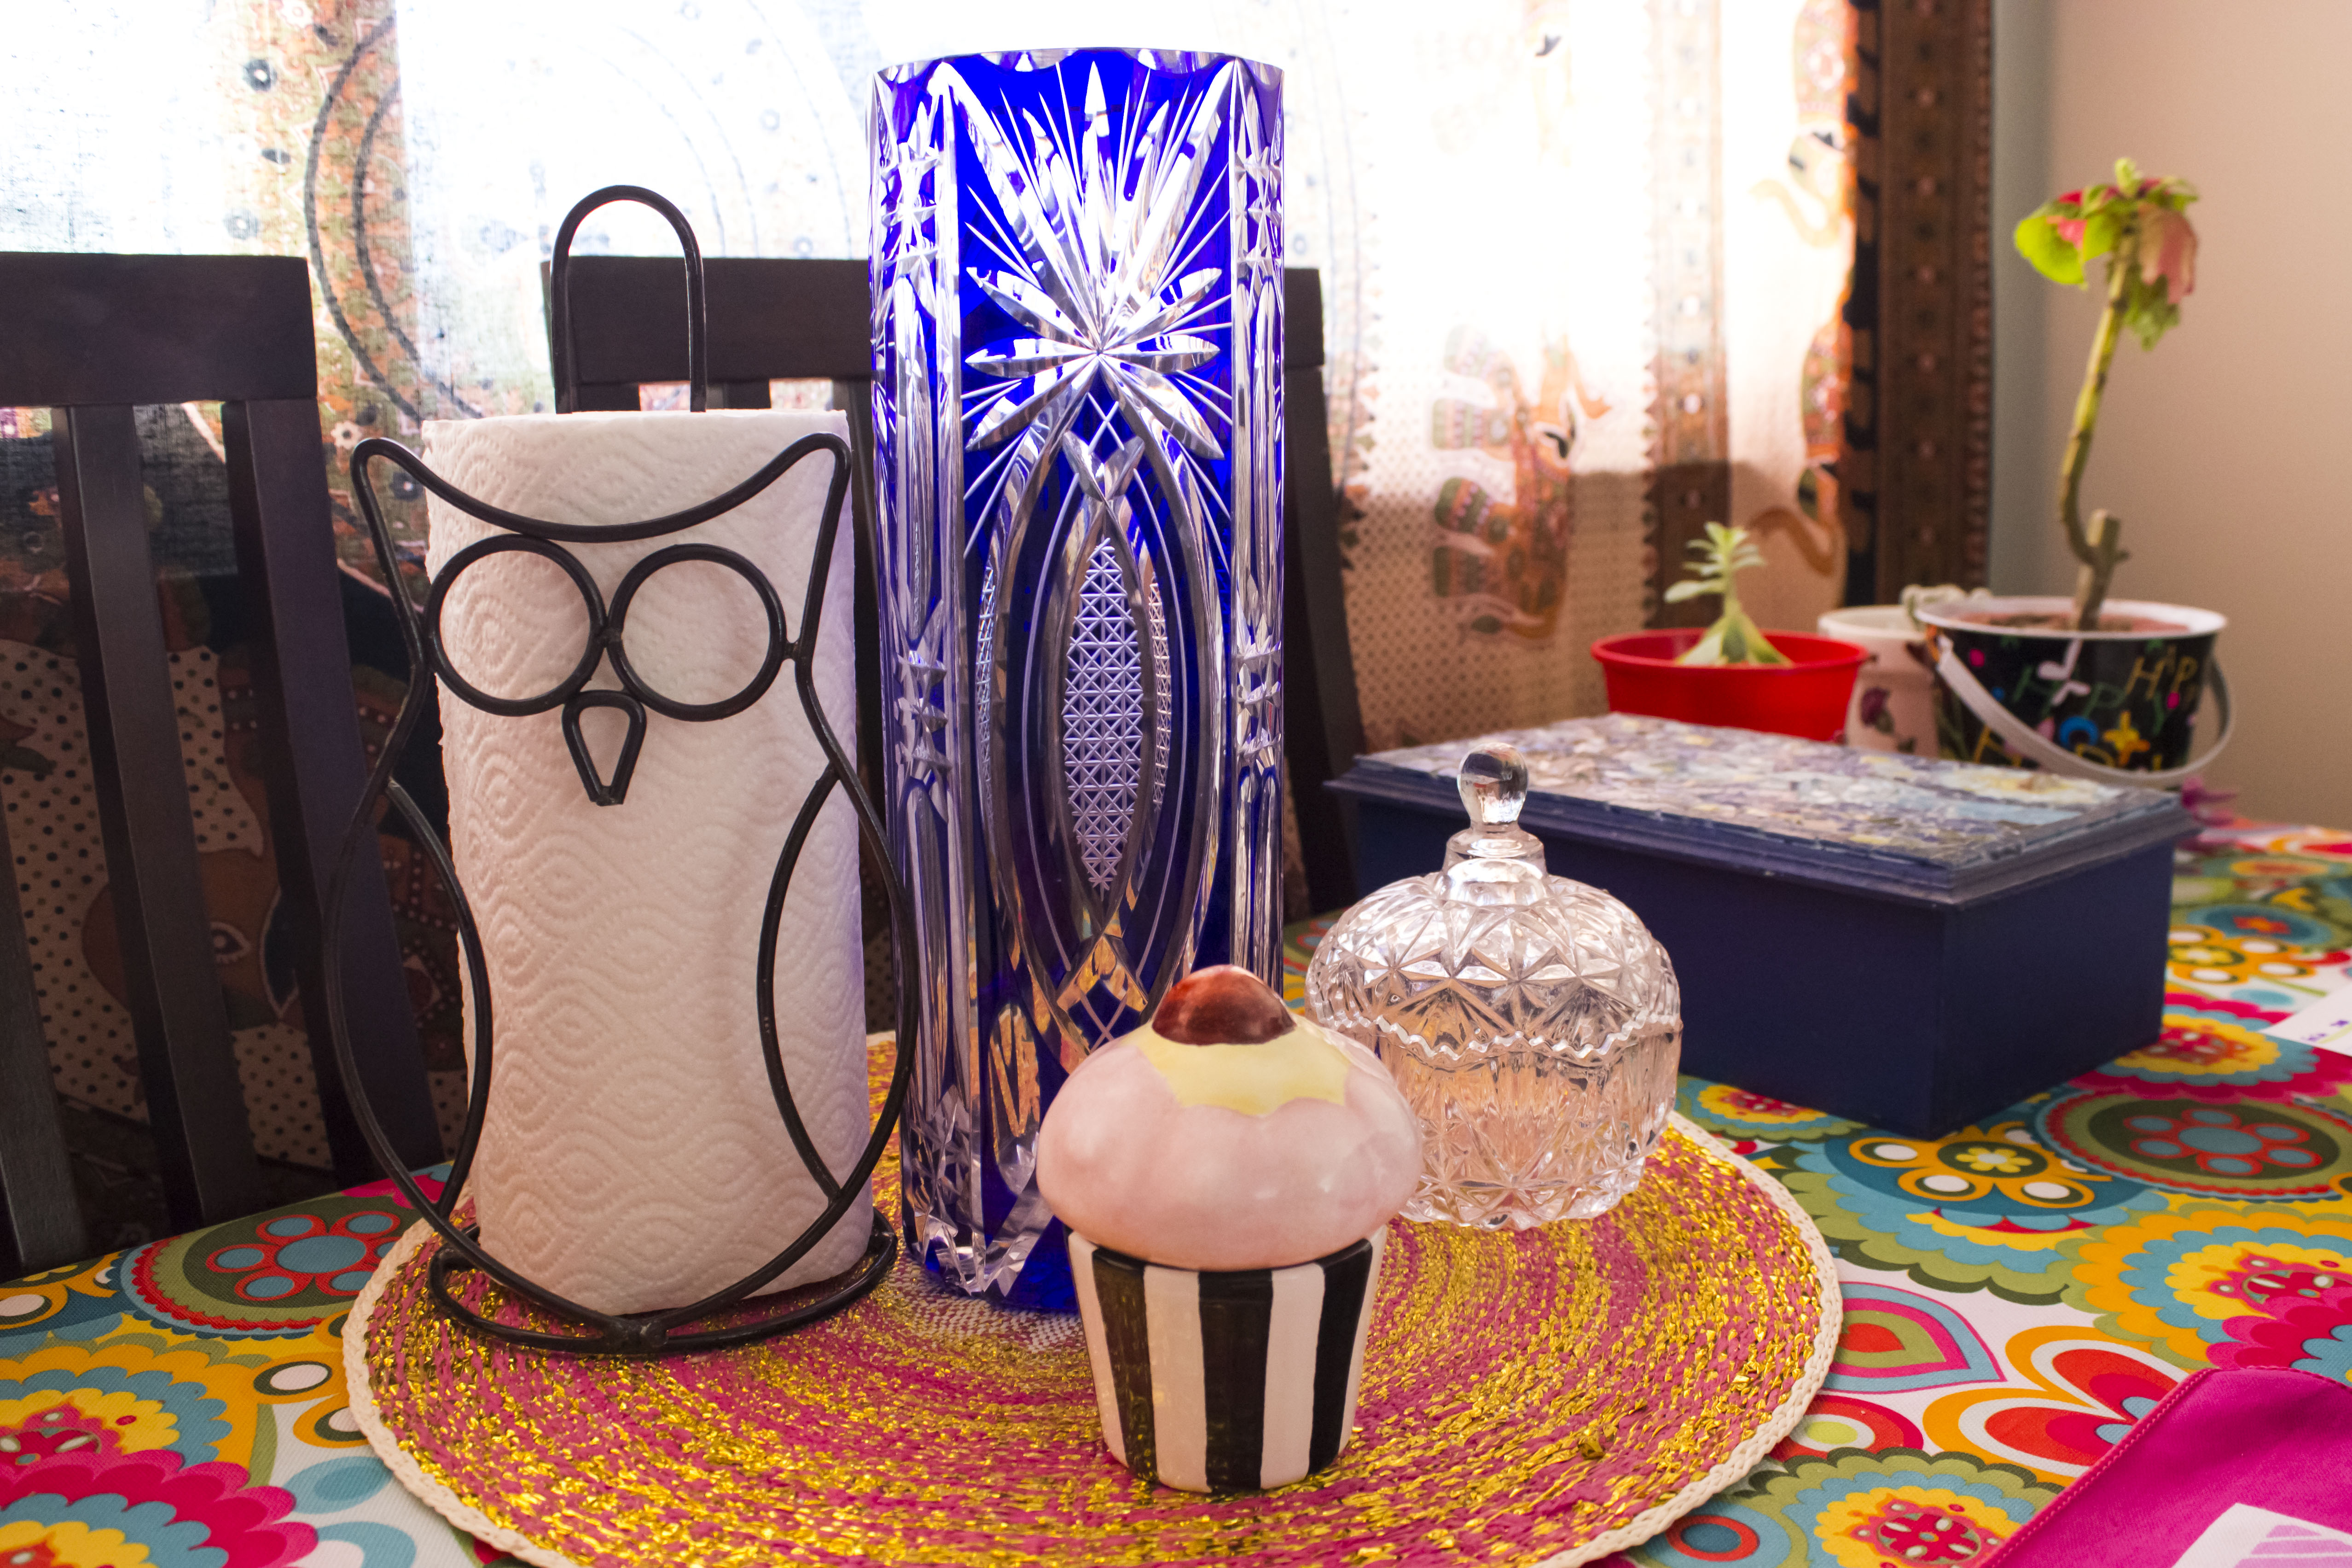 Portarollo de Acabajo, Centro de mesa de Falabella, Florero de mi abuela, caramelera de un bazaar, caja de te y cupcake por Susy T.